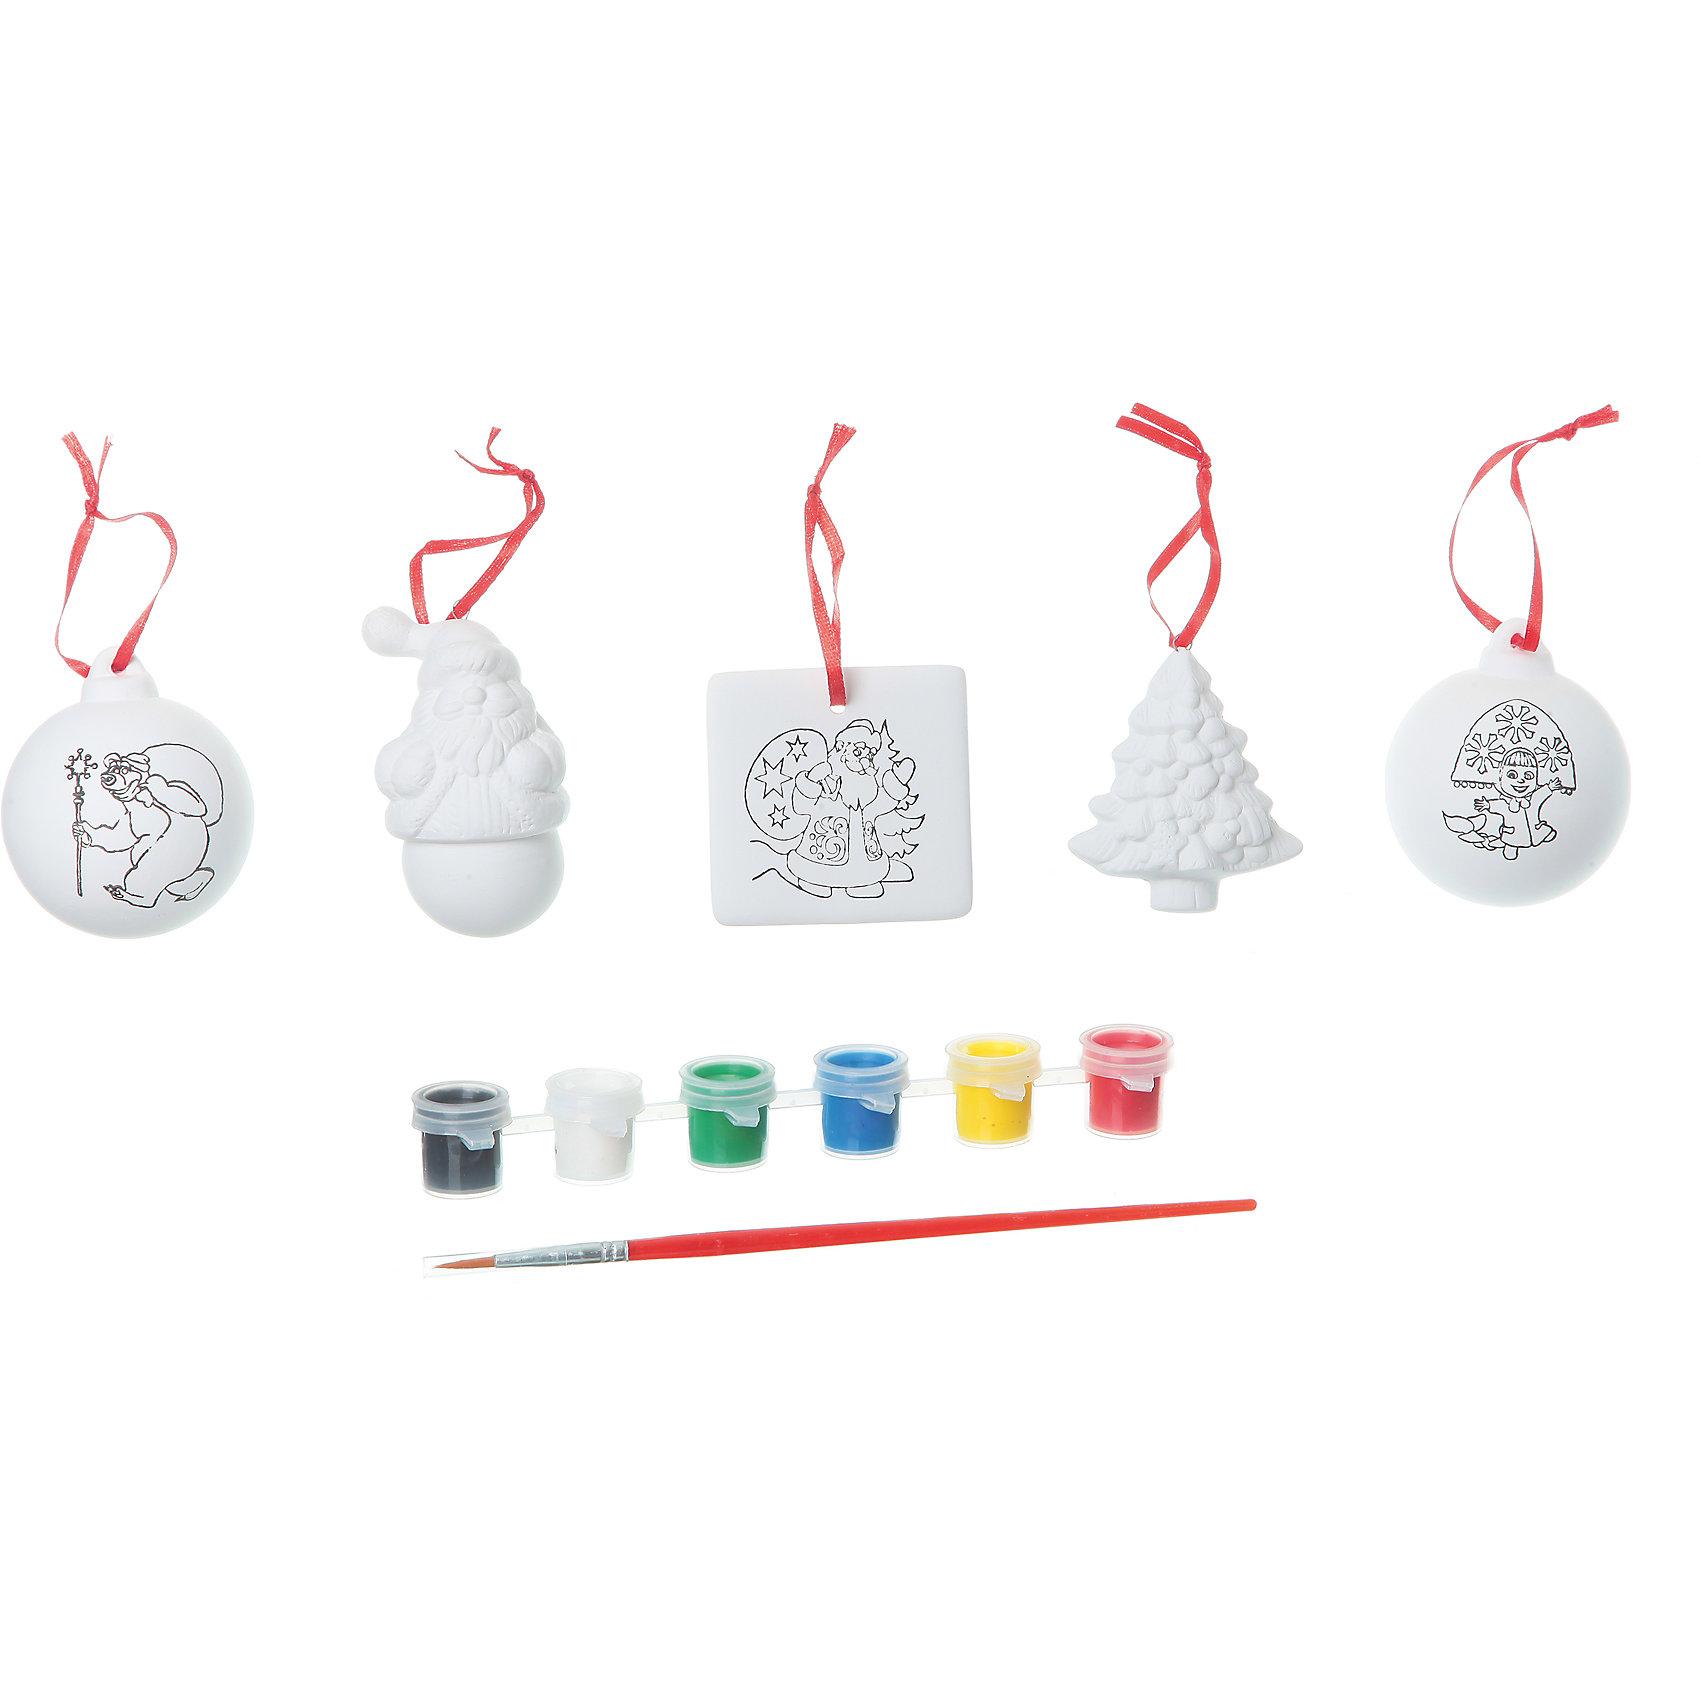 Набор для творчества с Машей (Дед Мороз, 2 шарика, ёлочка, квадрат), BondibonНабор для творчества с Машей (Дед Мороз, 2 шарика, ёлочка, квадрат), Bondibon (Бондибон).<br><br>Характеристики:<br><br>• Материал: керамика, краски, текстиль.<br>• В набор входит: <br>- 5 керамических фигурок для раскрашивания, <br>- краски 6 цветов,<br>- кисточка, <br>- инструкция.<br><br>Создайте новогоднее настроение вместе со своими детьми! Набор для творчества с Машей поможет вам провести творчески досуг и создаст праздничное настроение. В наборе 5 керамических фигурок для раскрашивания: Дед Мороз, 2 шарика, ёлочка, квадрат, которые нужно раскрасить так, как вам подскажет фантазия. Раскрашивать изделия из керамики - очень интересно и увлекательно. Такие фигурки, раскрашенные вручную, станут отличным подарком! Работа с таким набором помогает развить творческие способности, усидчивость, внимательность, самостоятельность, координацию движений.<br><br>Набор для творчества с Машей (Дед Мороз, 2 шарика, ёлочка, квадрат), Bondibon (Бондибон), можно купить в нашем интернет – магазине.<br><br>Ширина мм: 262<br>Глубина мм: 60<br>Высота мм: 222<br>Вес г: 492<br>Возраст от месяцев: 60<br>Возраст до месяцев: 1188<br>Пол: Унисекс<br>Возраст: Детский<br>SKU: 5124538